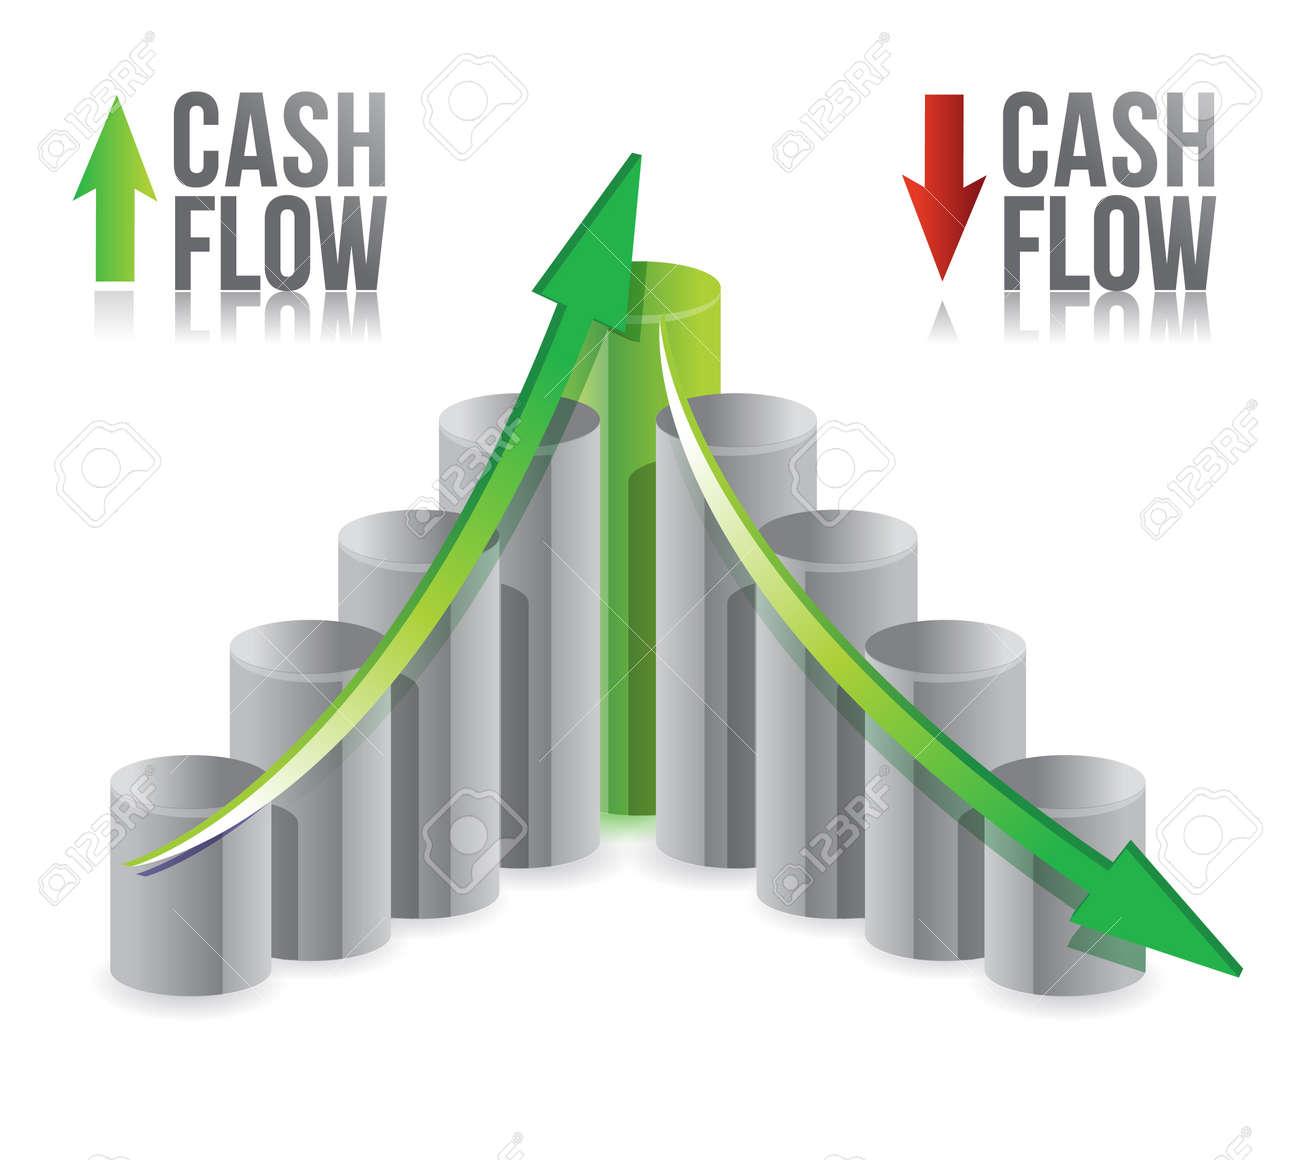 concepto de flujo de efectivo